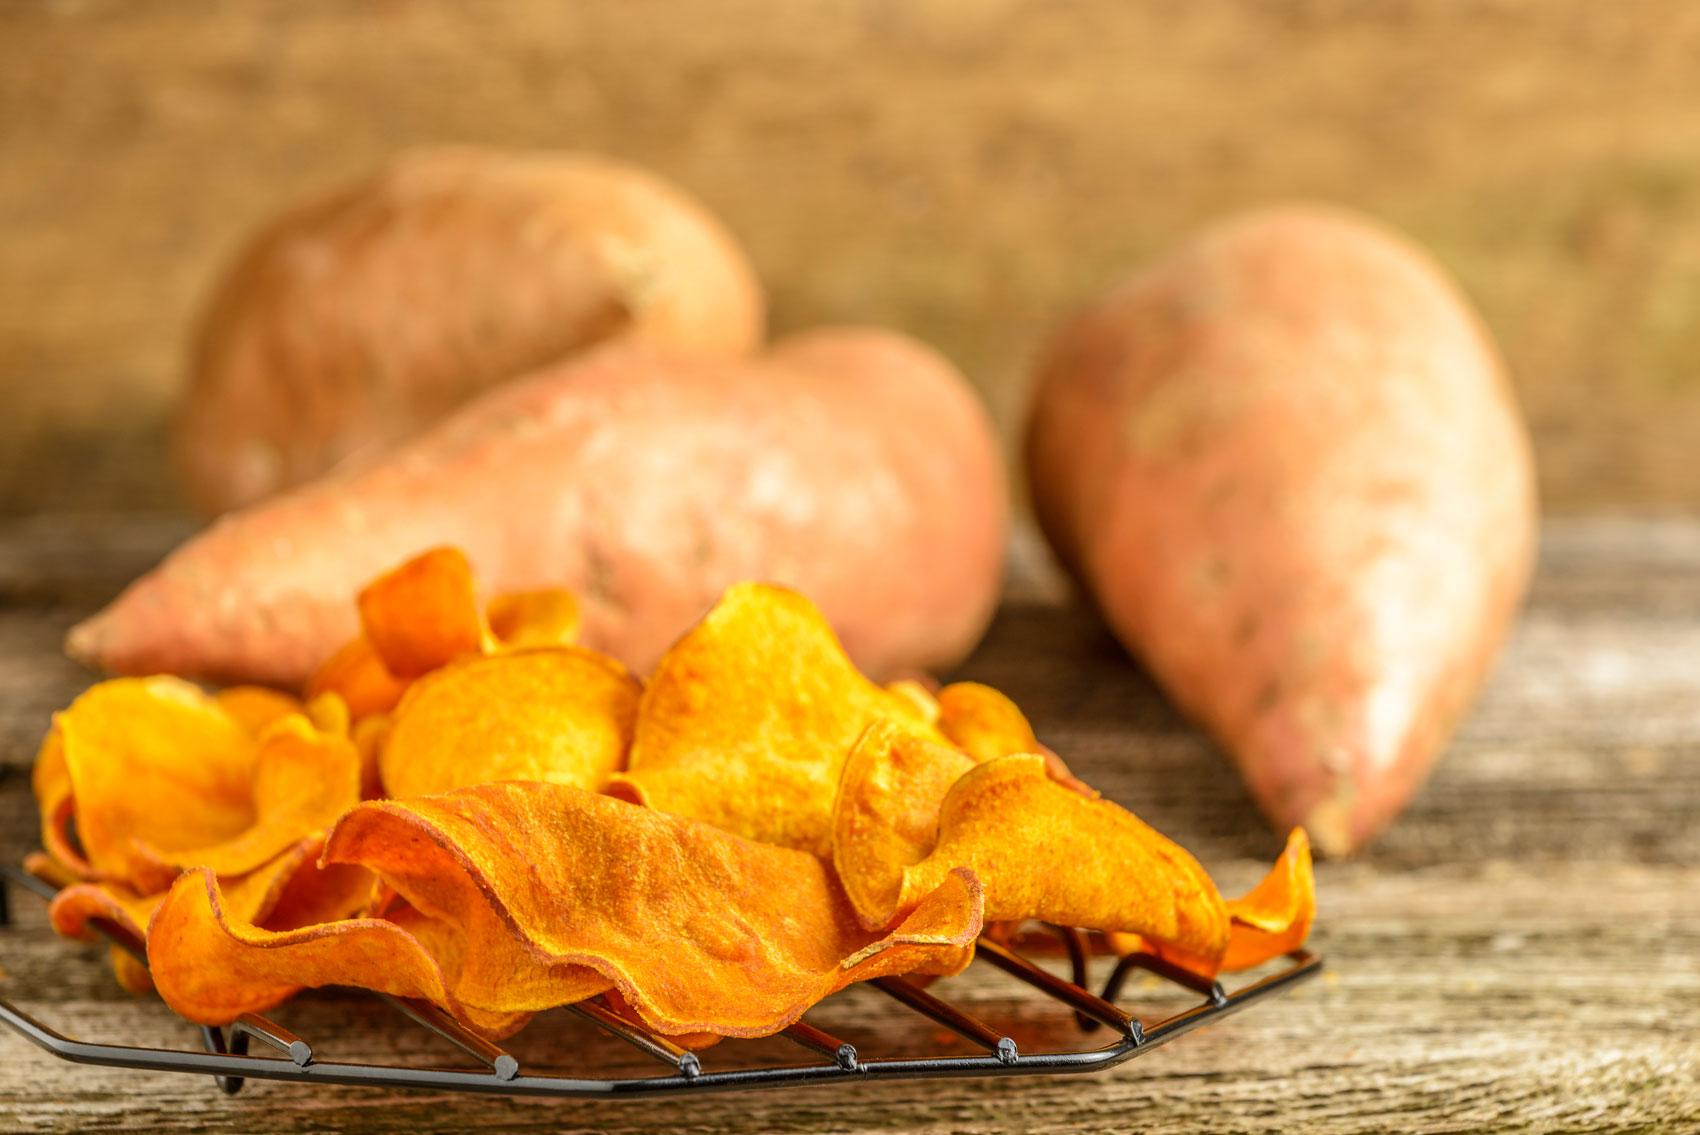 ricette con patate dolci per perdere peso